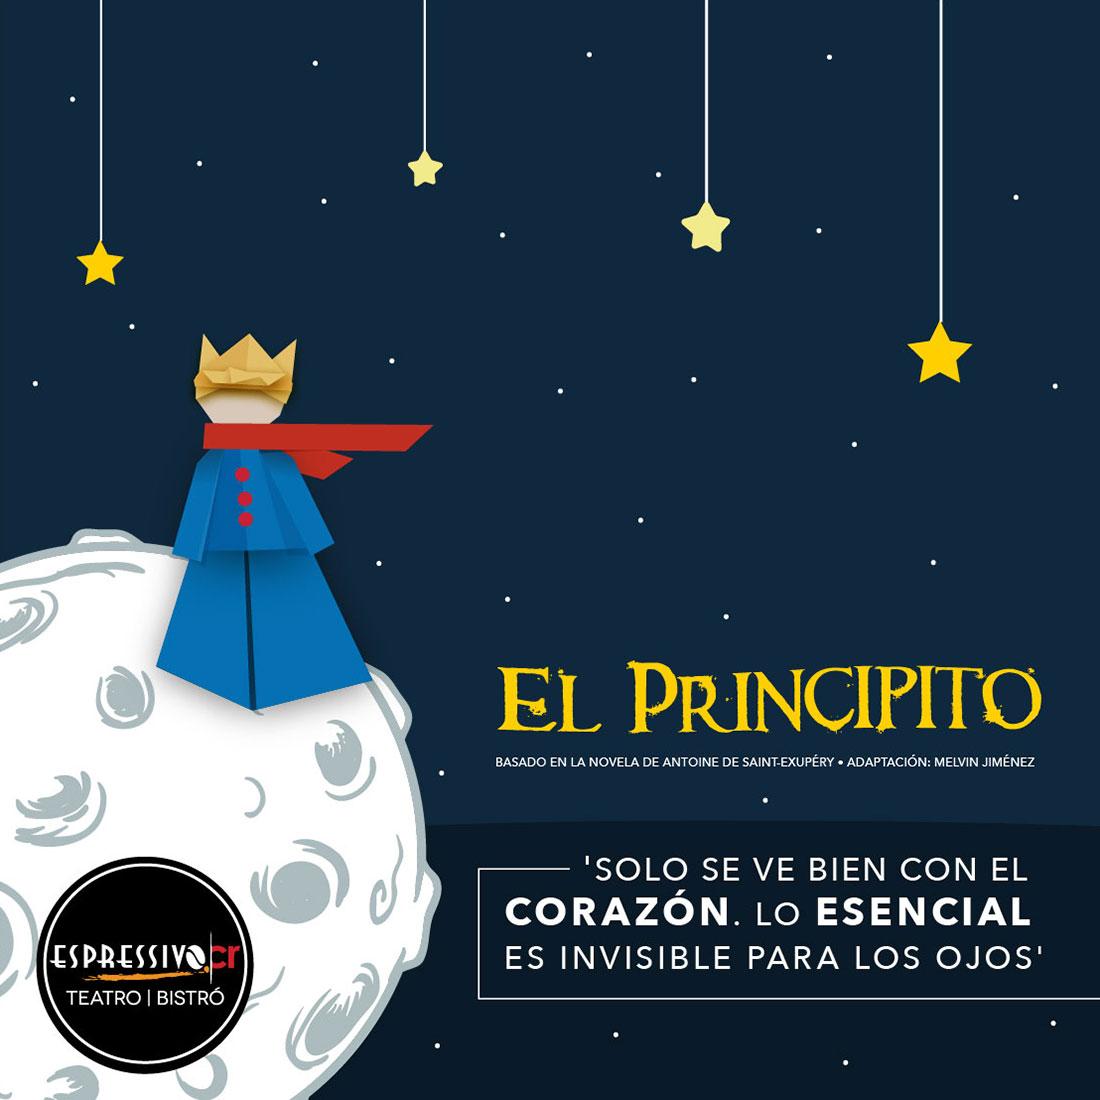 24feb7bb6d EL PRINCIPITO - Teatro y Bistró en Costa Rica